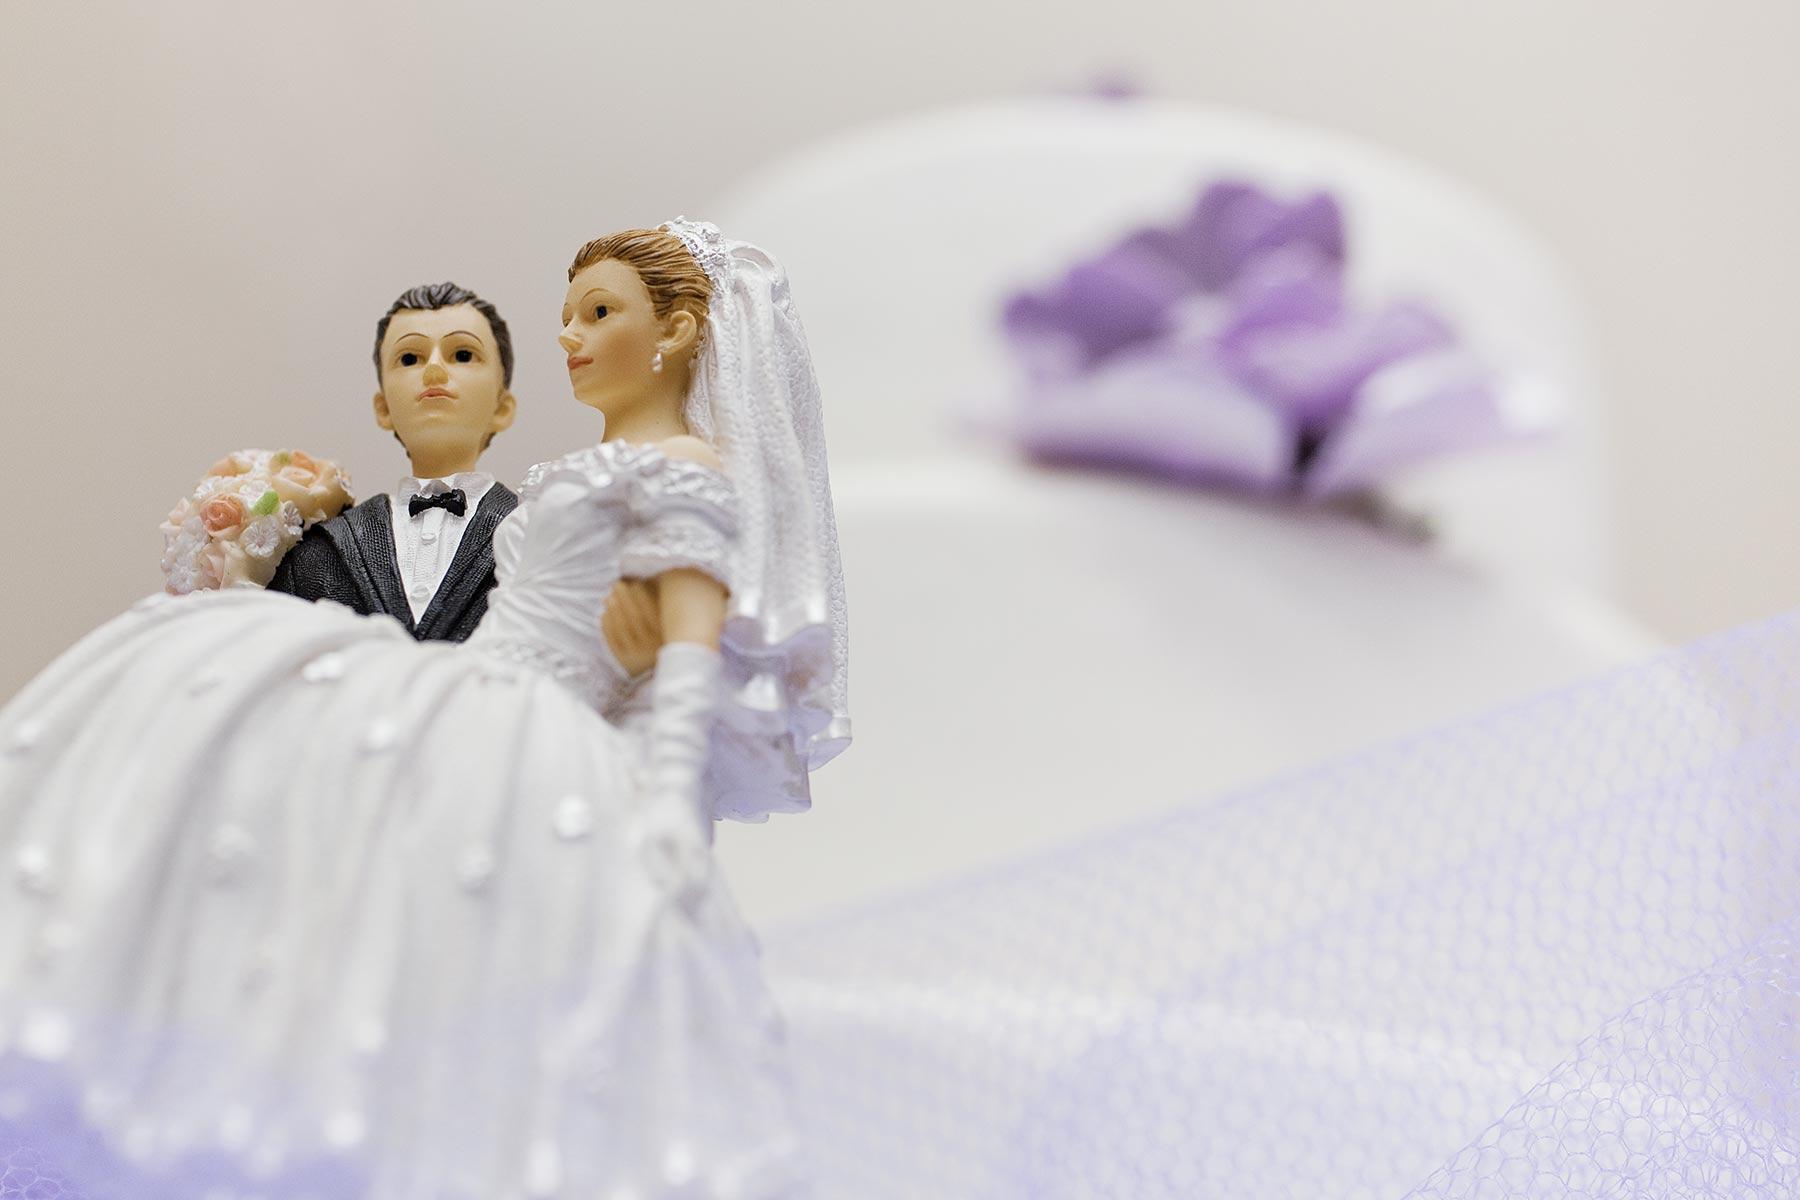 Matrimonio originale: mi sposo a bordo di una nave da crociera!